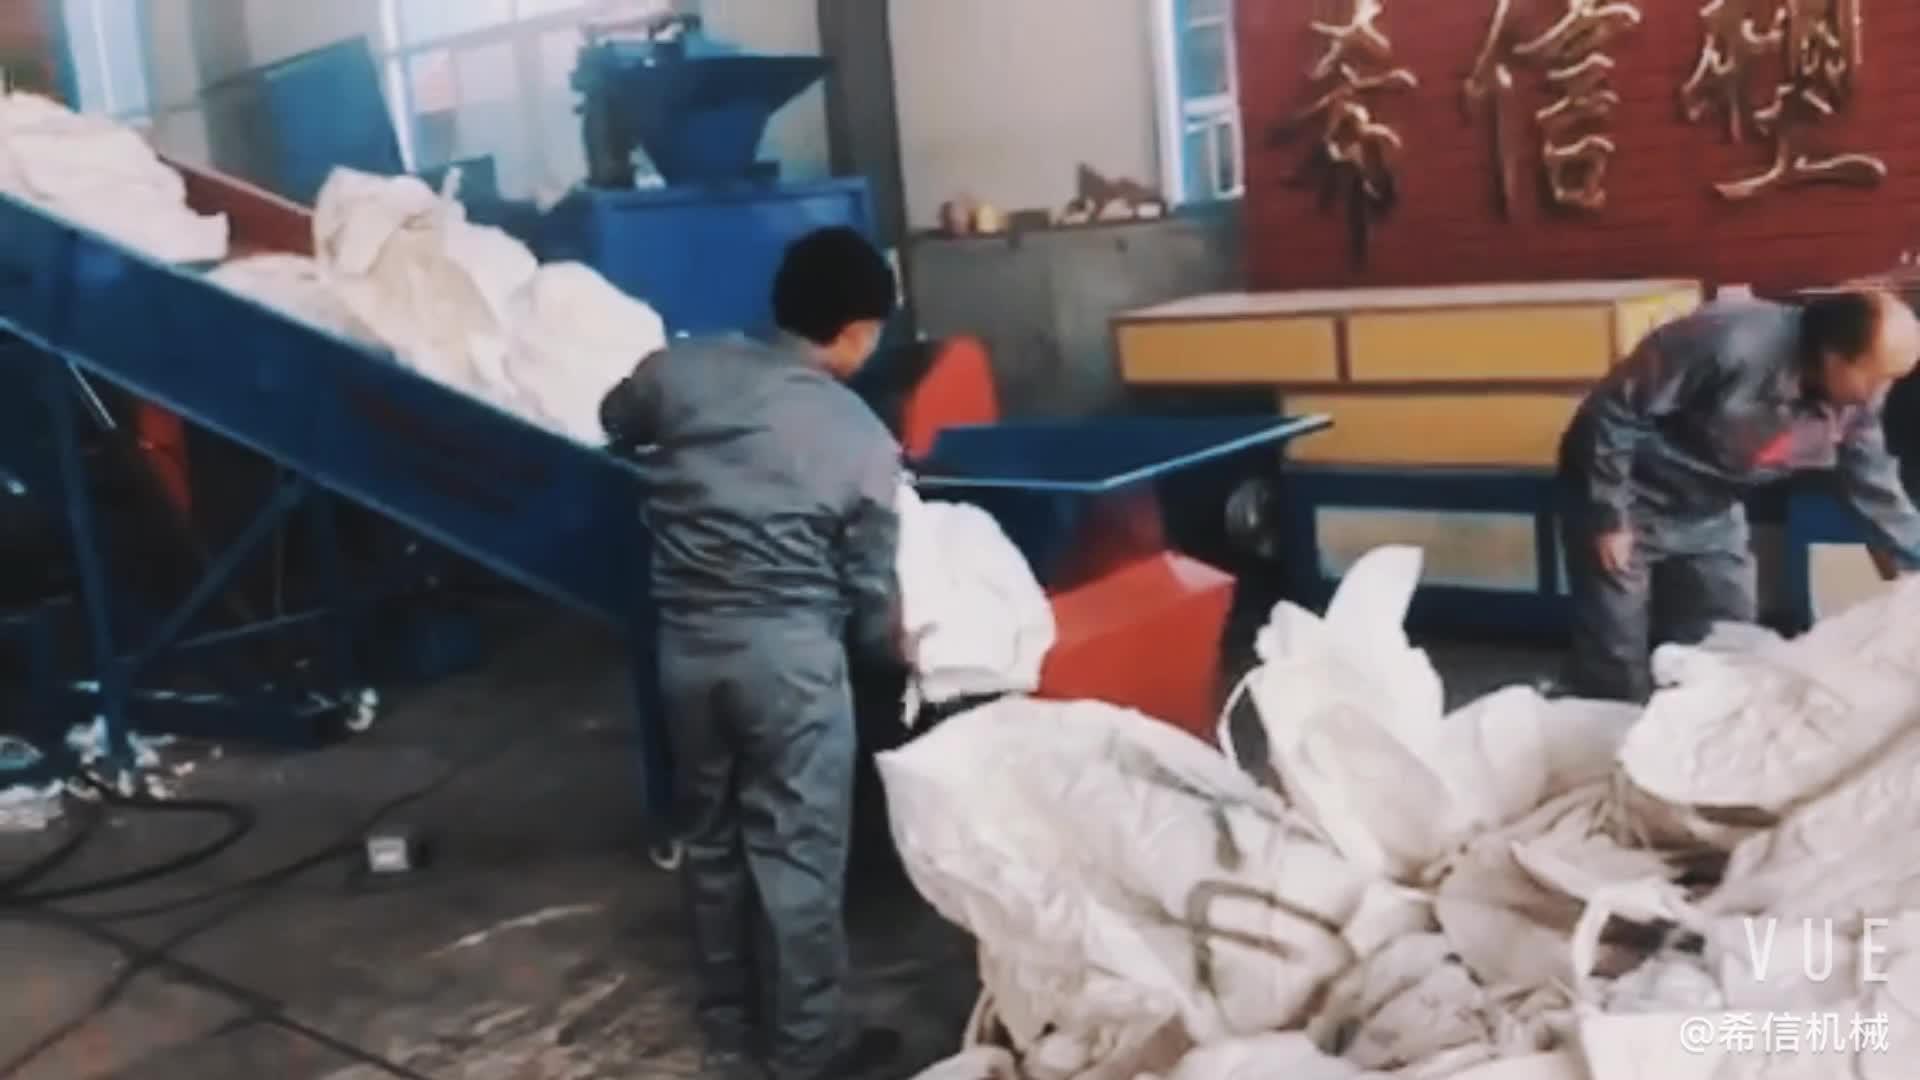 Sanayi plastik ezme makinesi, plastik geri dönüşüm pelet makinesi, parçalayıcı makinesi plastik poşetler satılık